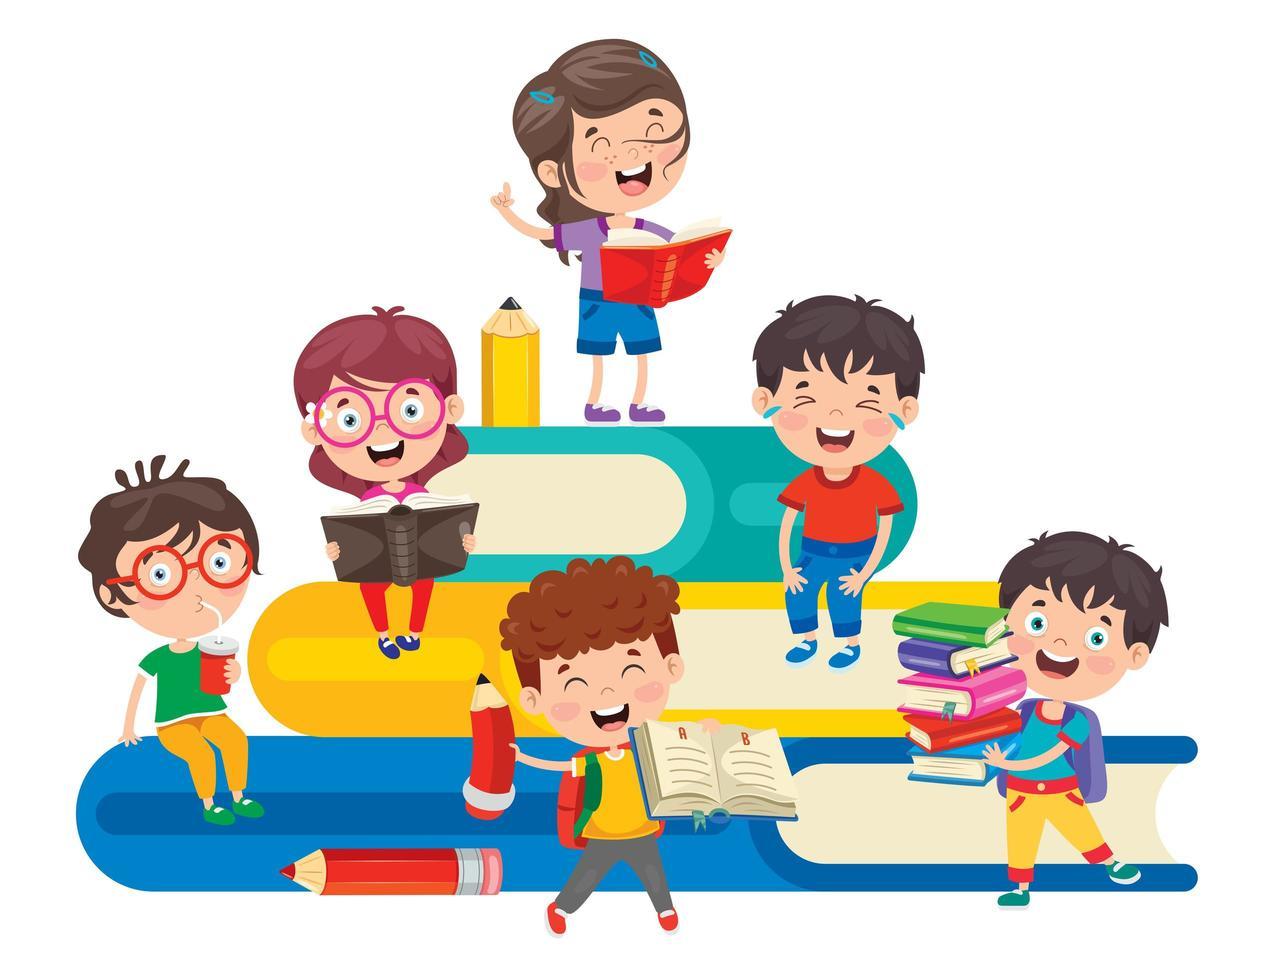 écoliers, étudier, tas, gros livres vecteur